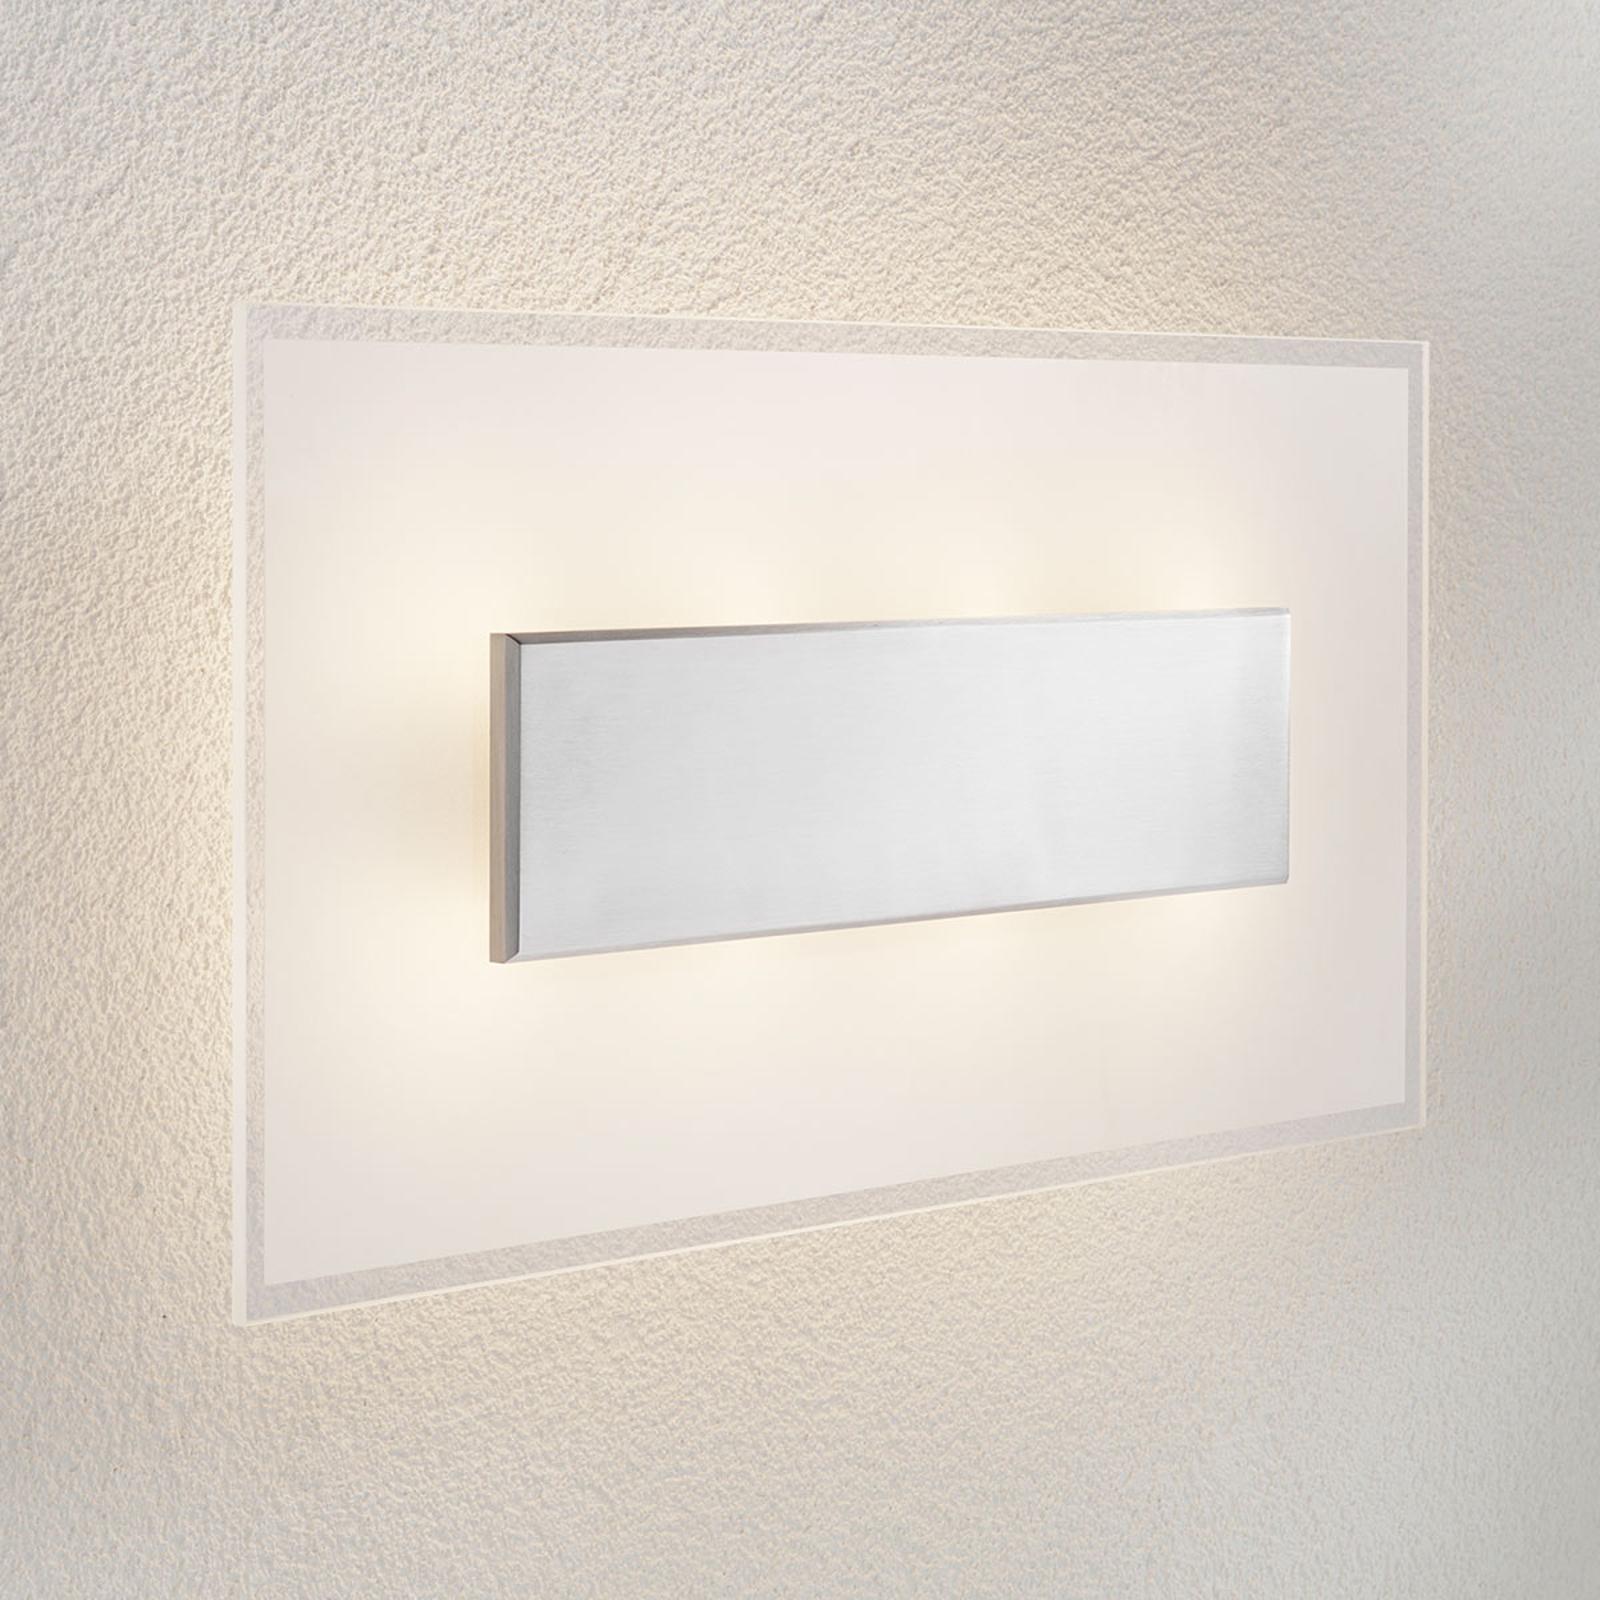 LED-taklampe Tian med glasskjerm, 59 x 29 cm